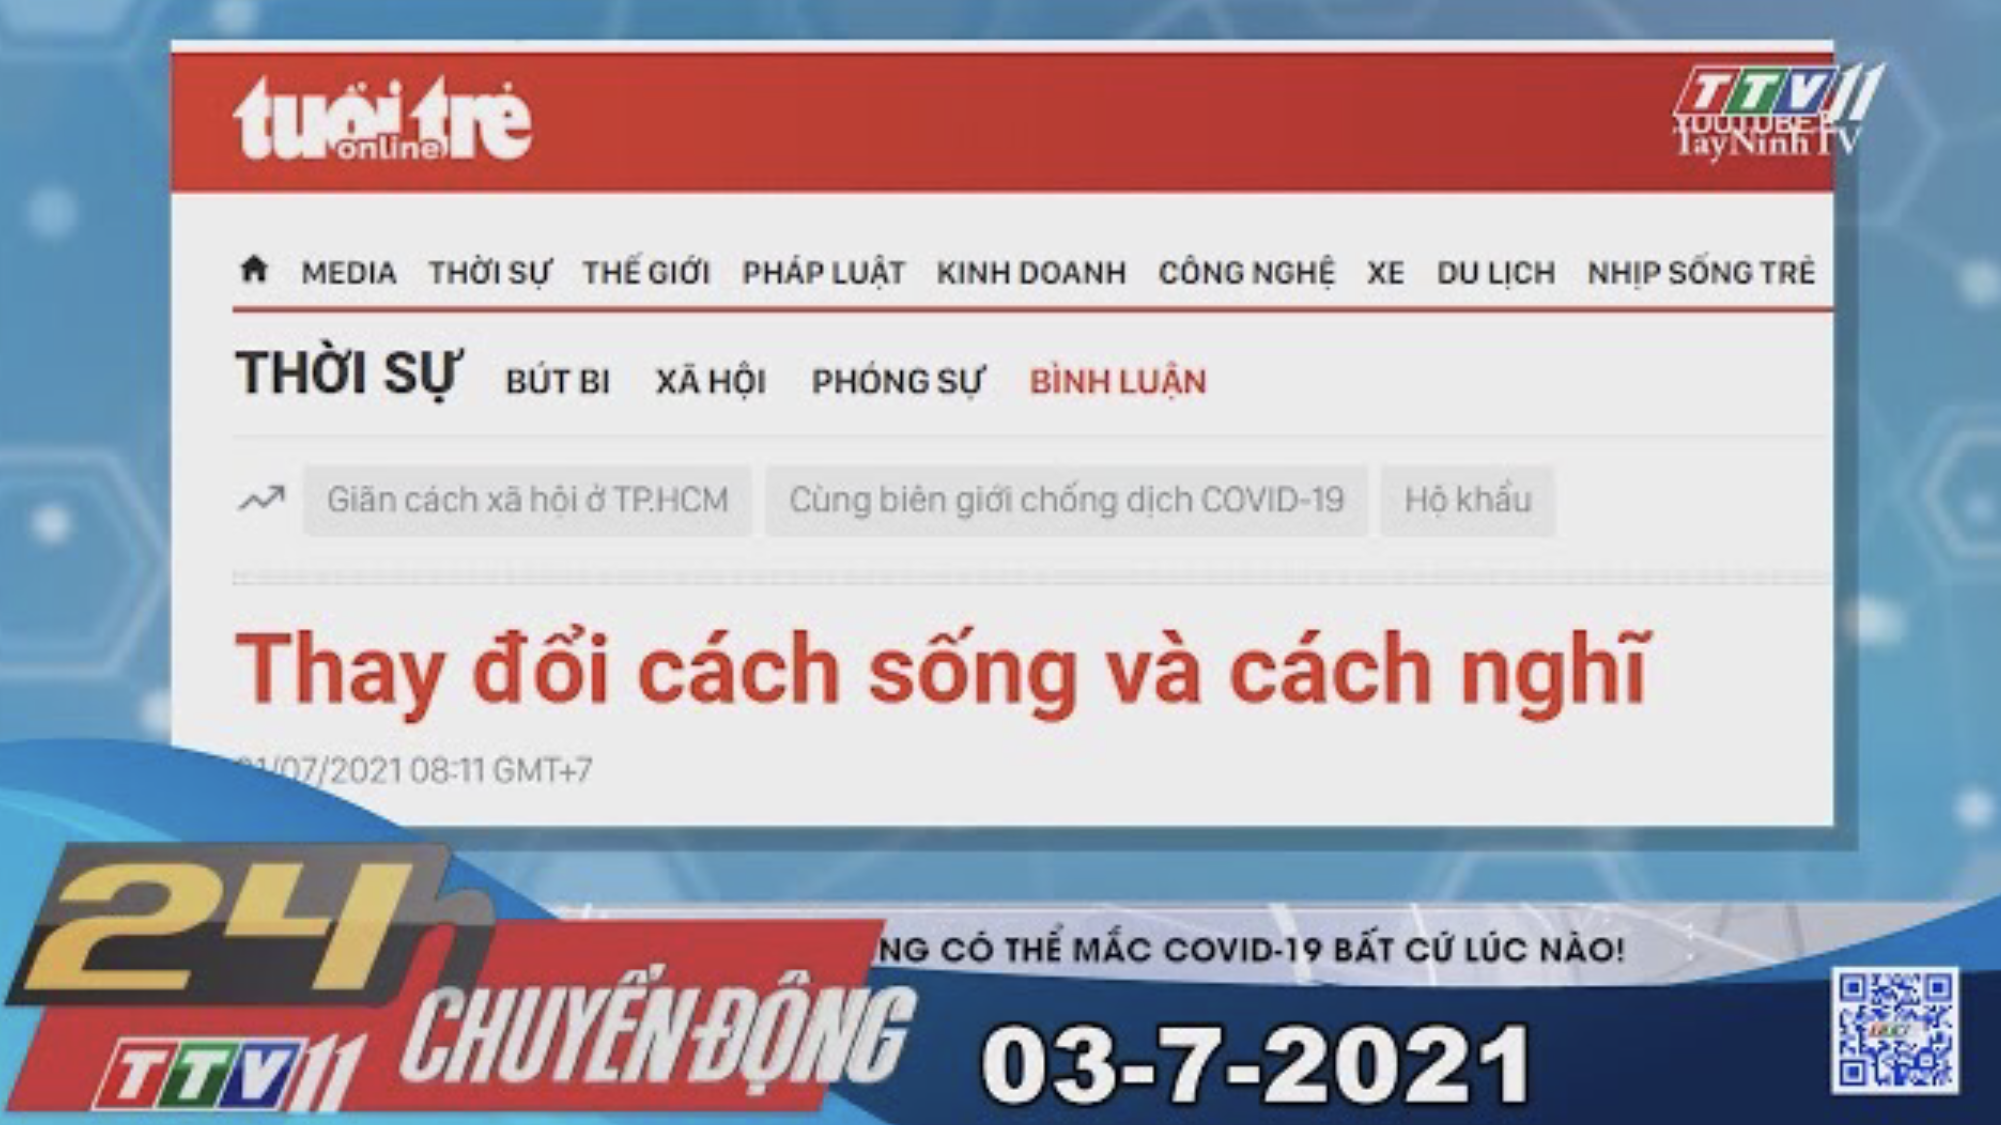 24h Chuyển động 03-7-2021   Tin tức hôm nay   TayNinhTV